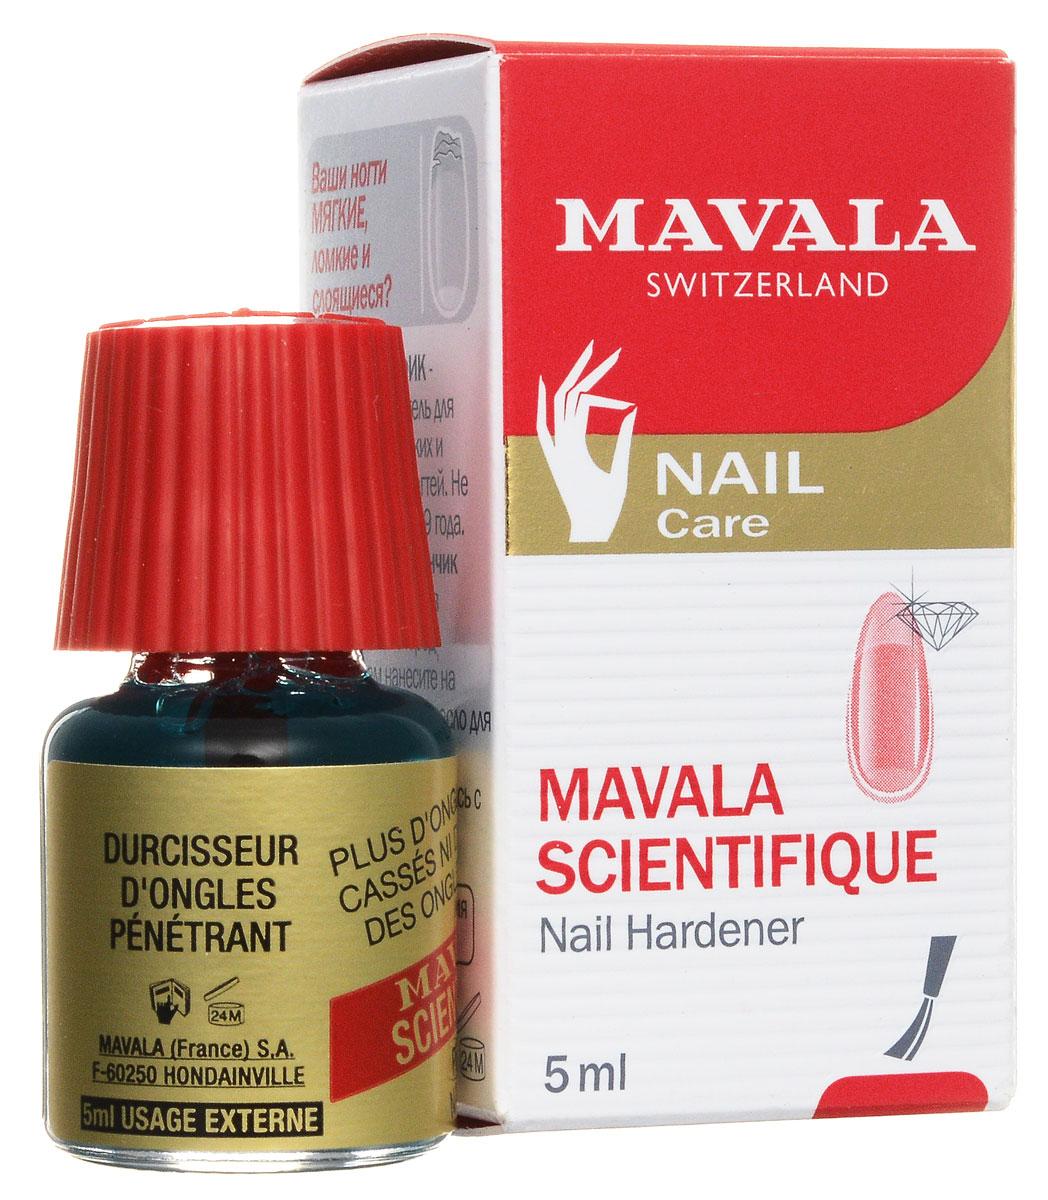 Mavala Средство для ногтей Scientifique, укрепляющее, с проникающим эффектом, 5 мл14-102Средство для ногтей Mavala Scientifique, с проникающим эффектом, оказывает лечебный проникающий эффект за счет склеивания слоев ногтевой пластины. Эффективно укрепляет мягкие, слоящиеся ногти, предотвращает расслаивание, делает ногтевую пластину твердой, восстанавливает нормальный рост ногтя. Применяется 1 или 2 раза в неделю. Флакон объемом 5 мл рассчитан на 1 год. Программа применения: 1 раз в неделю на протяжении первого месяца. 1 раз в две недели на протяжении второго месяца. 1-2 раза в месяц для профилактики или по необходимости. Не рекомендовано наносить под ноготь, на кутикулу или на кожу, чтобы избежать затвердения эпидермиса.Товар сертифицирован.Как ухаживать за ногтями: советы эксперта. Статья OZON Гид